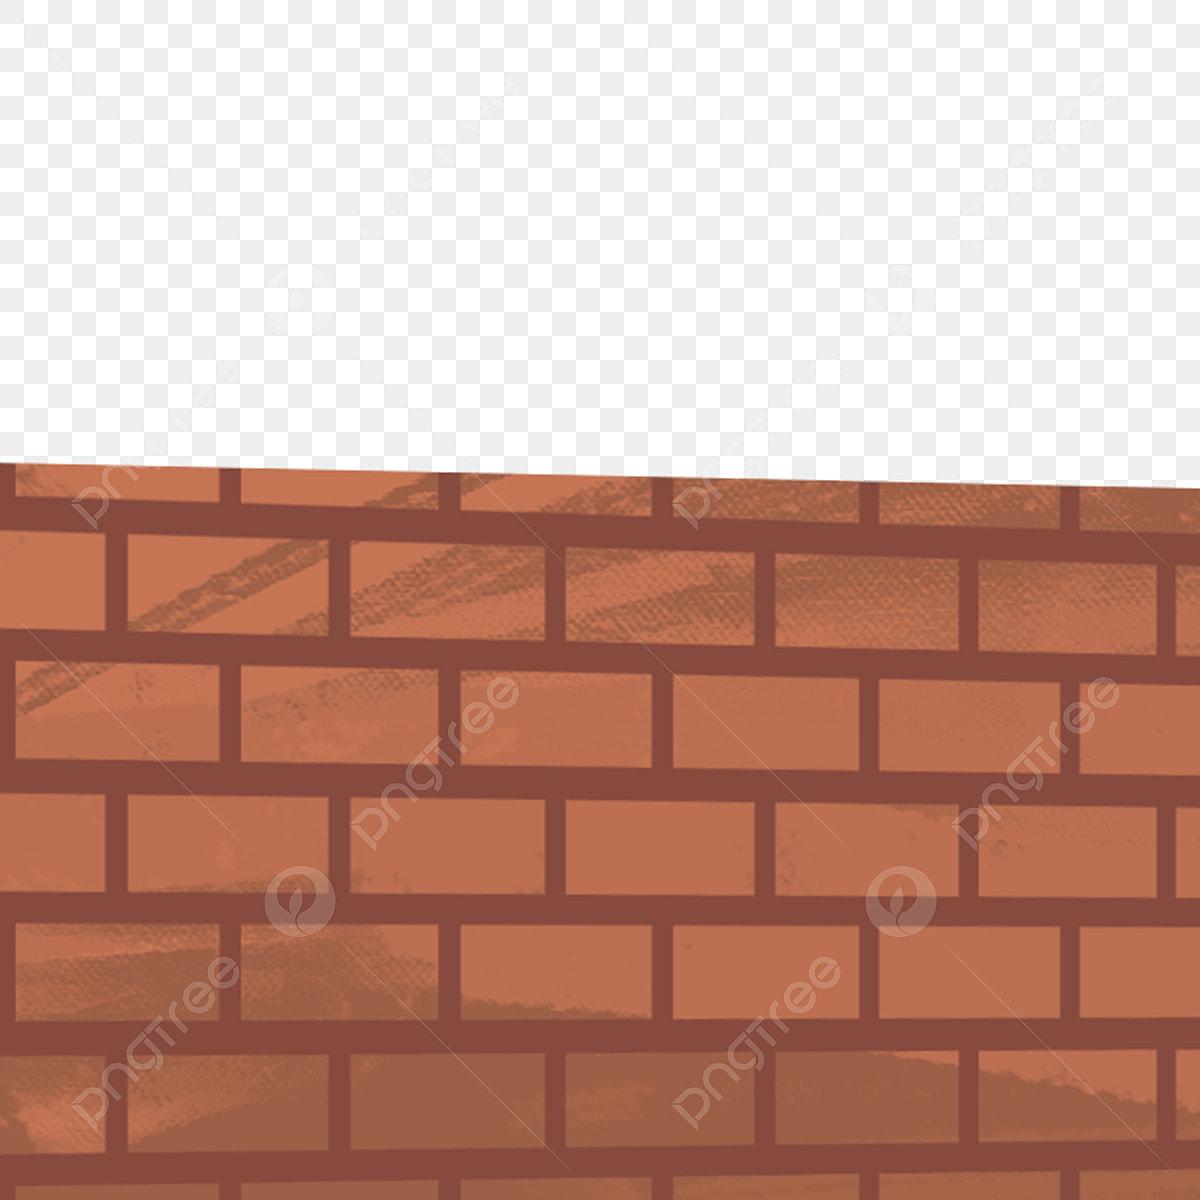 Mur De Briques Mur Mur Illustration De Dessin Anime Clipart De Brique Mur De Briques Mur Fichier Png Et Psd Pour Le Telechargement Libre